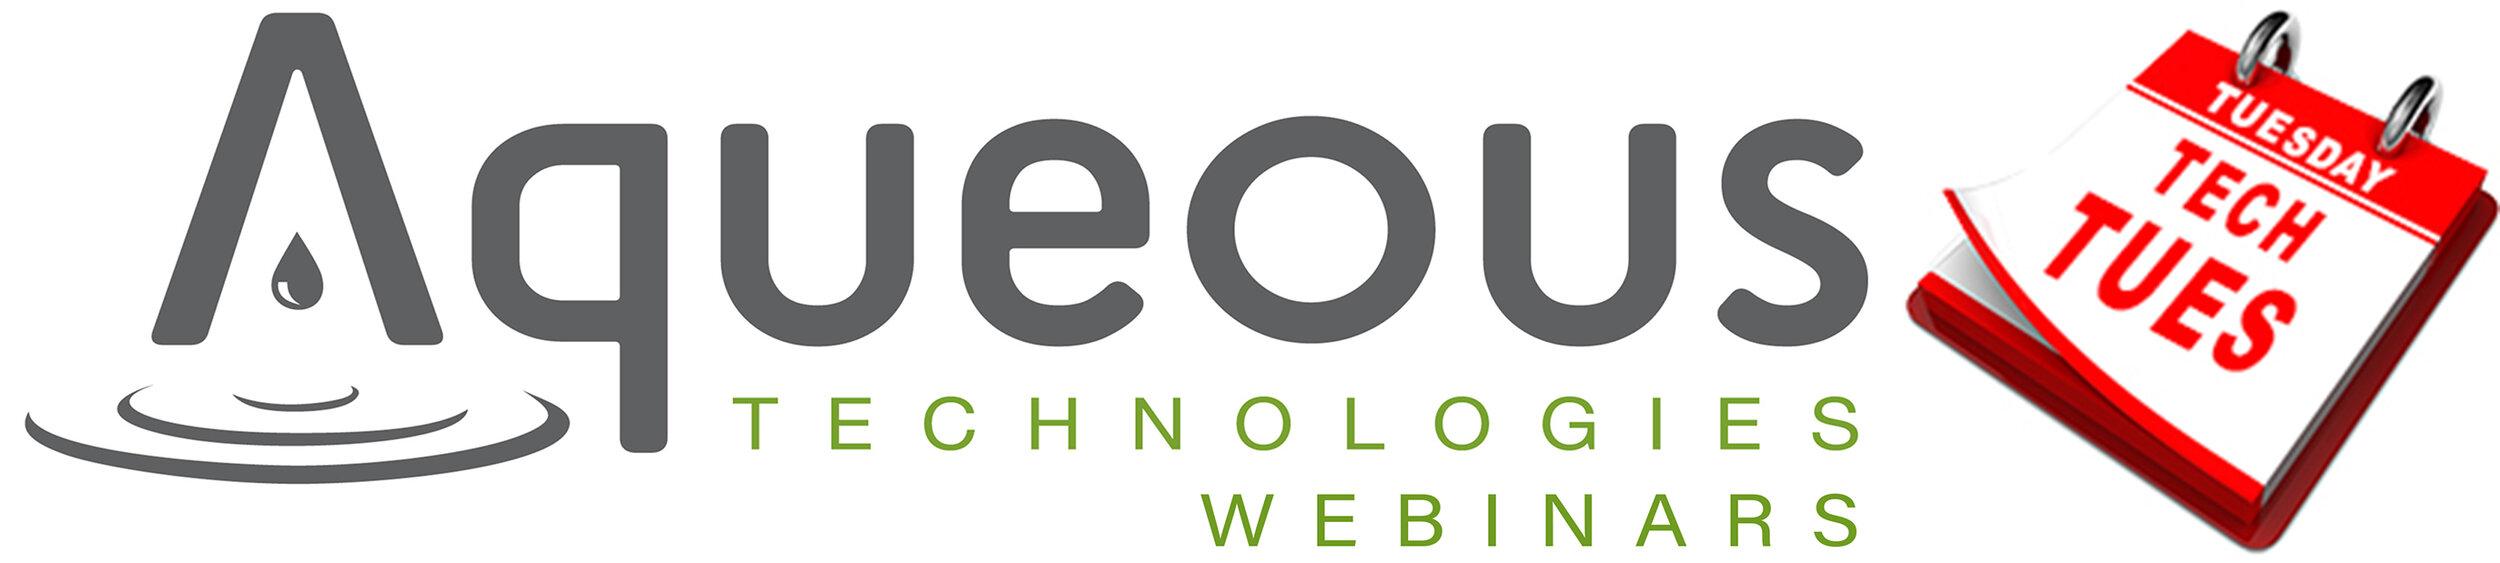 Logo-Webinars.jpg